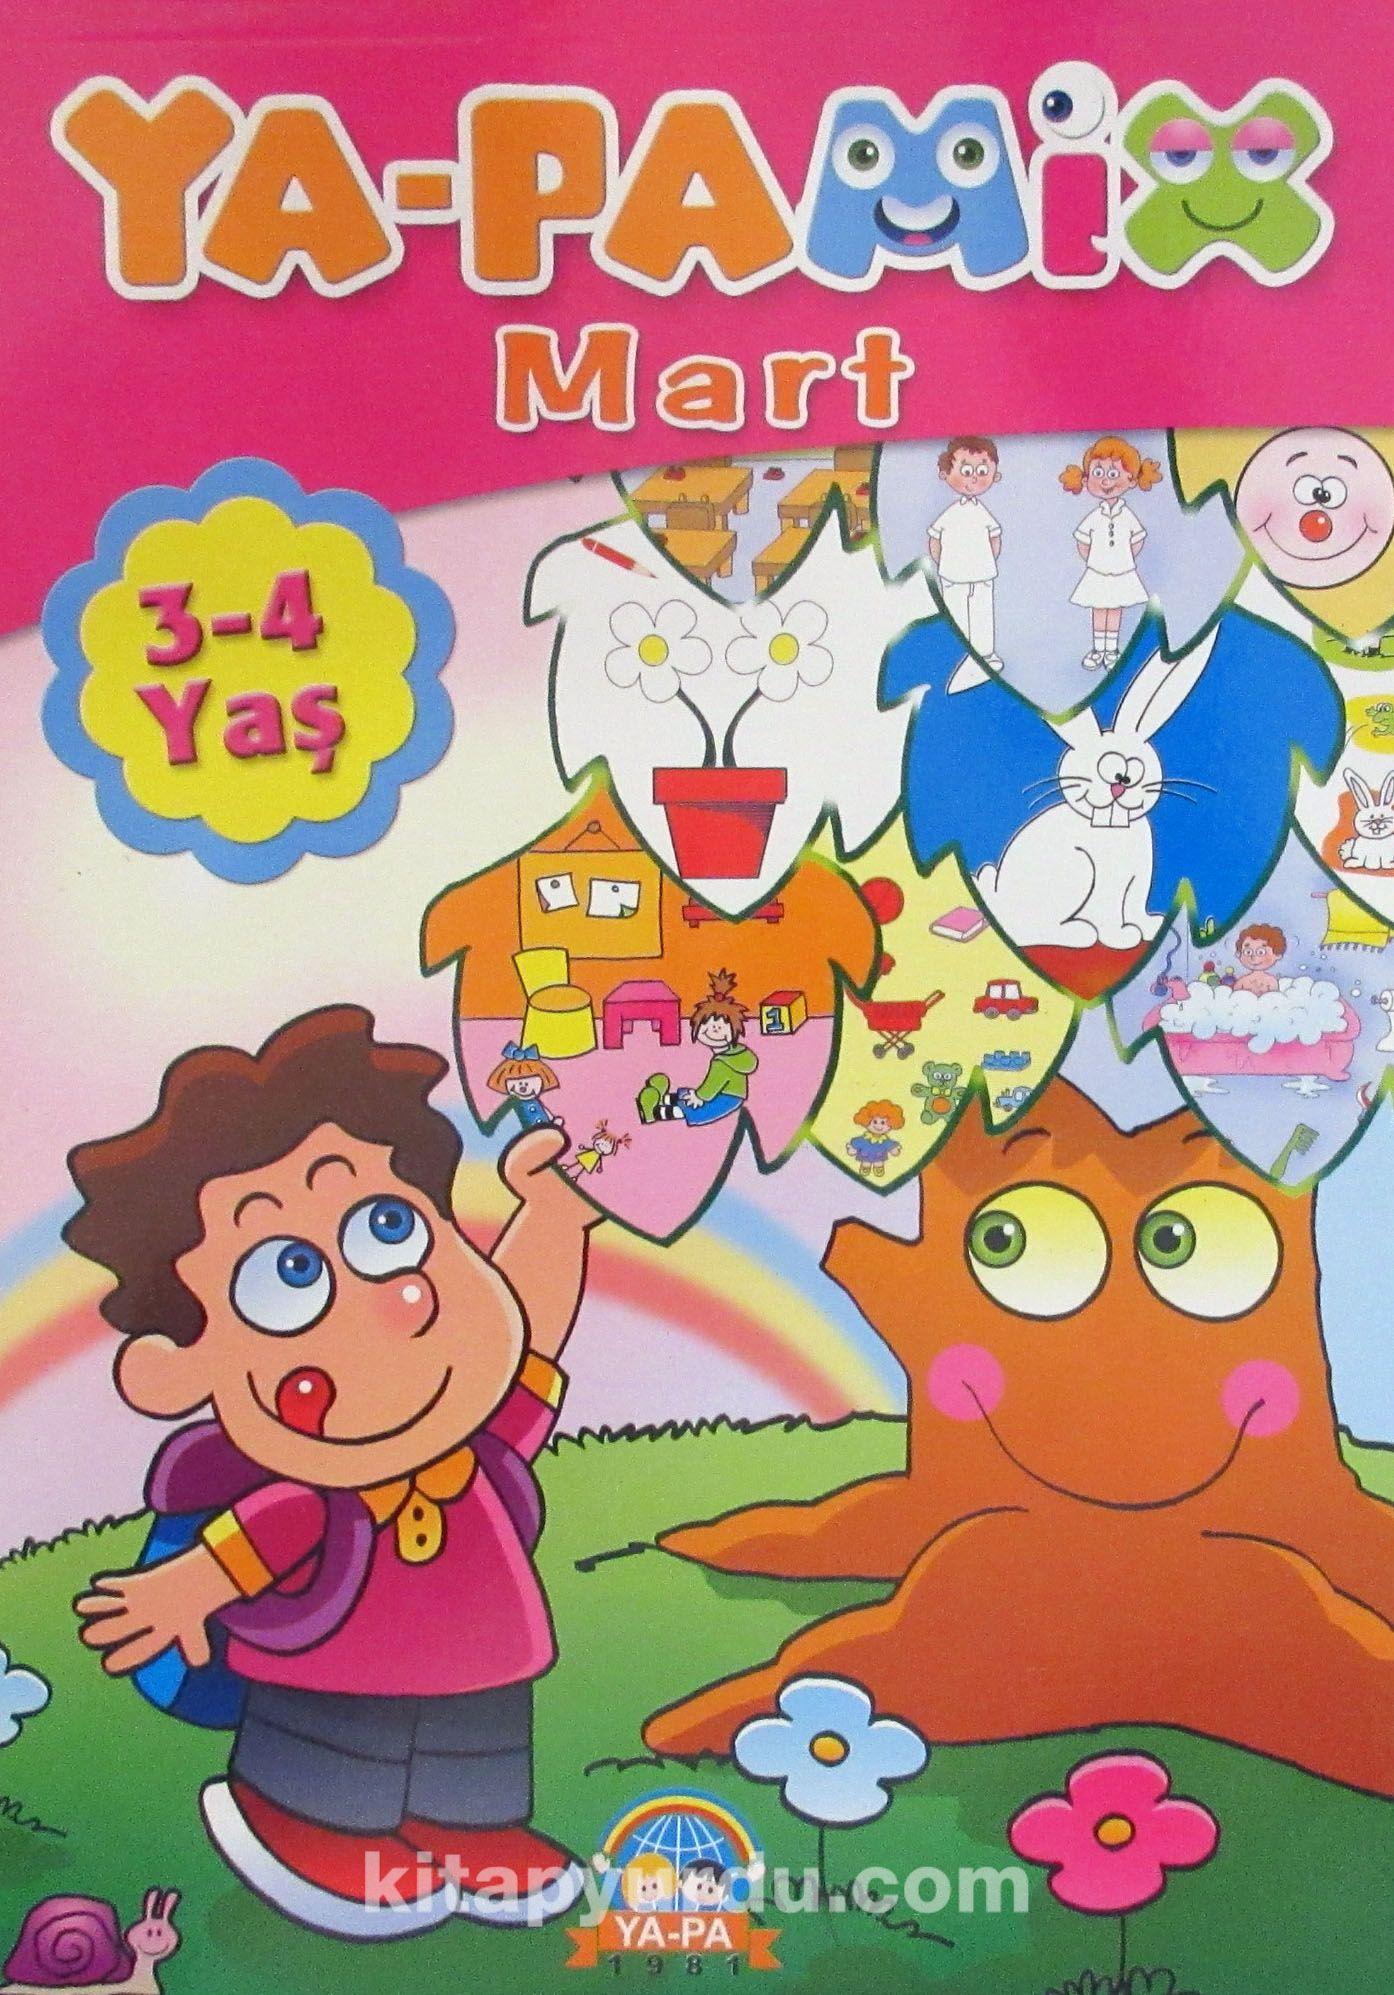 Ya-Pa Mix Mart (3-4 Yaş)